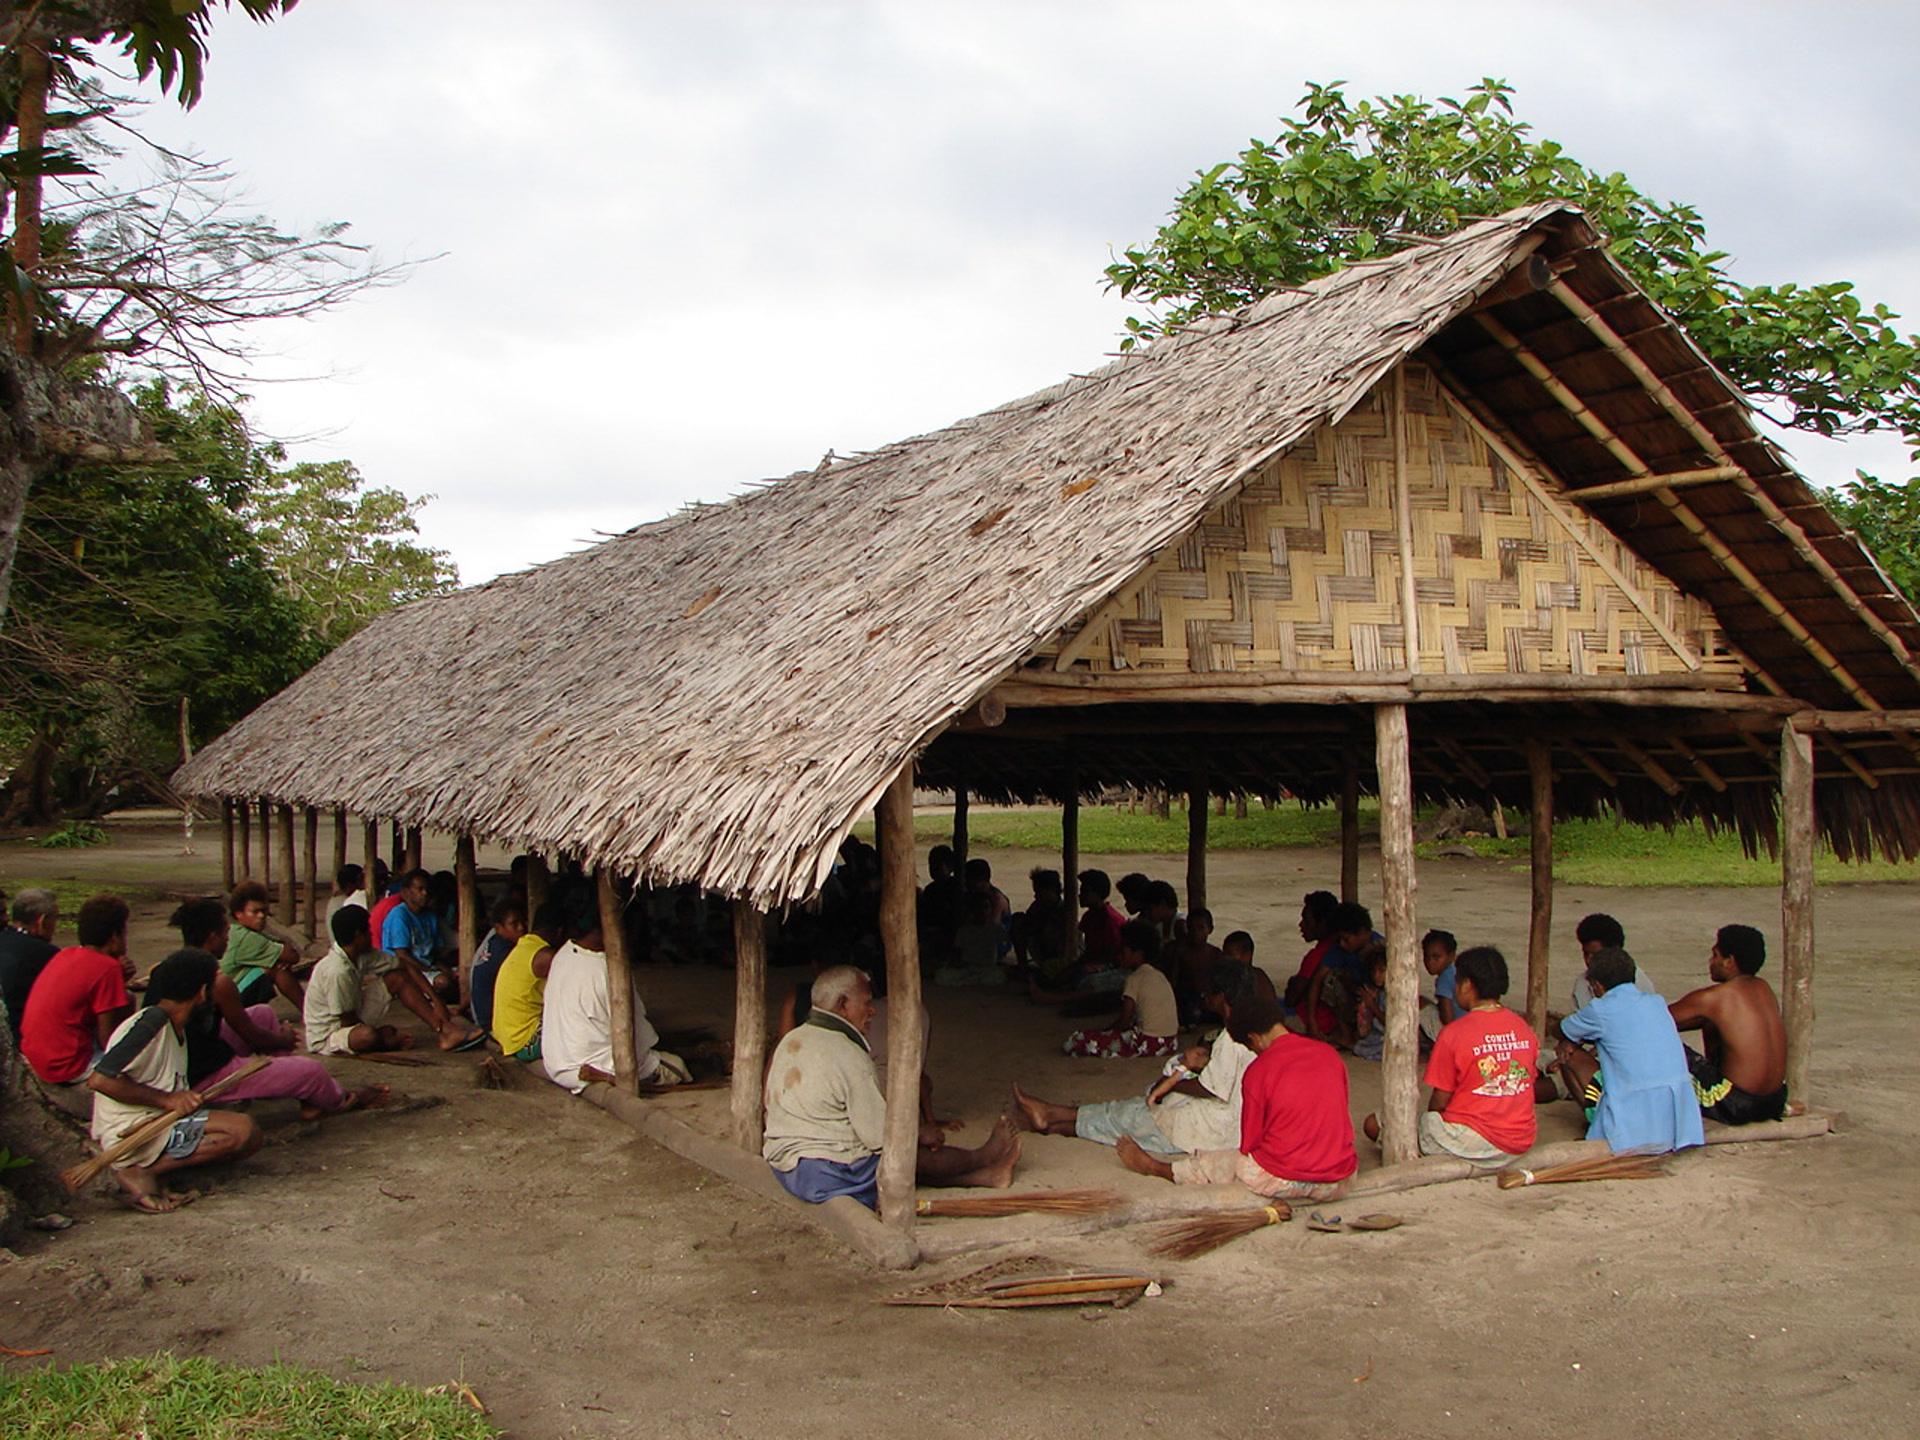 Un conseil de village décide de l'orthographe de la langue, dans la maison publique de Litew, sur l'île de Toga. (photo AF, 2007)